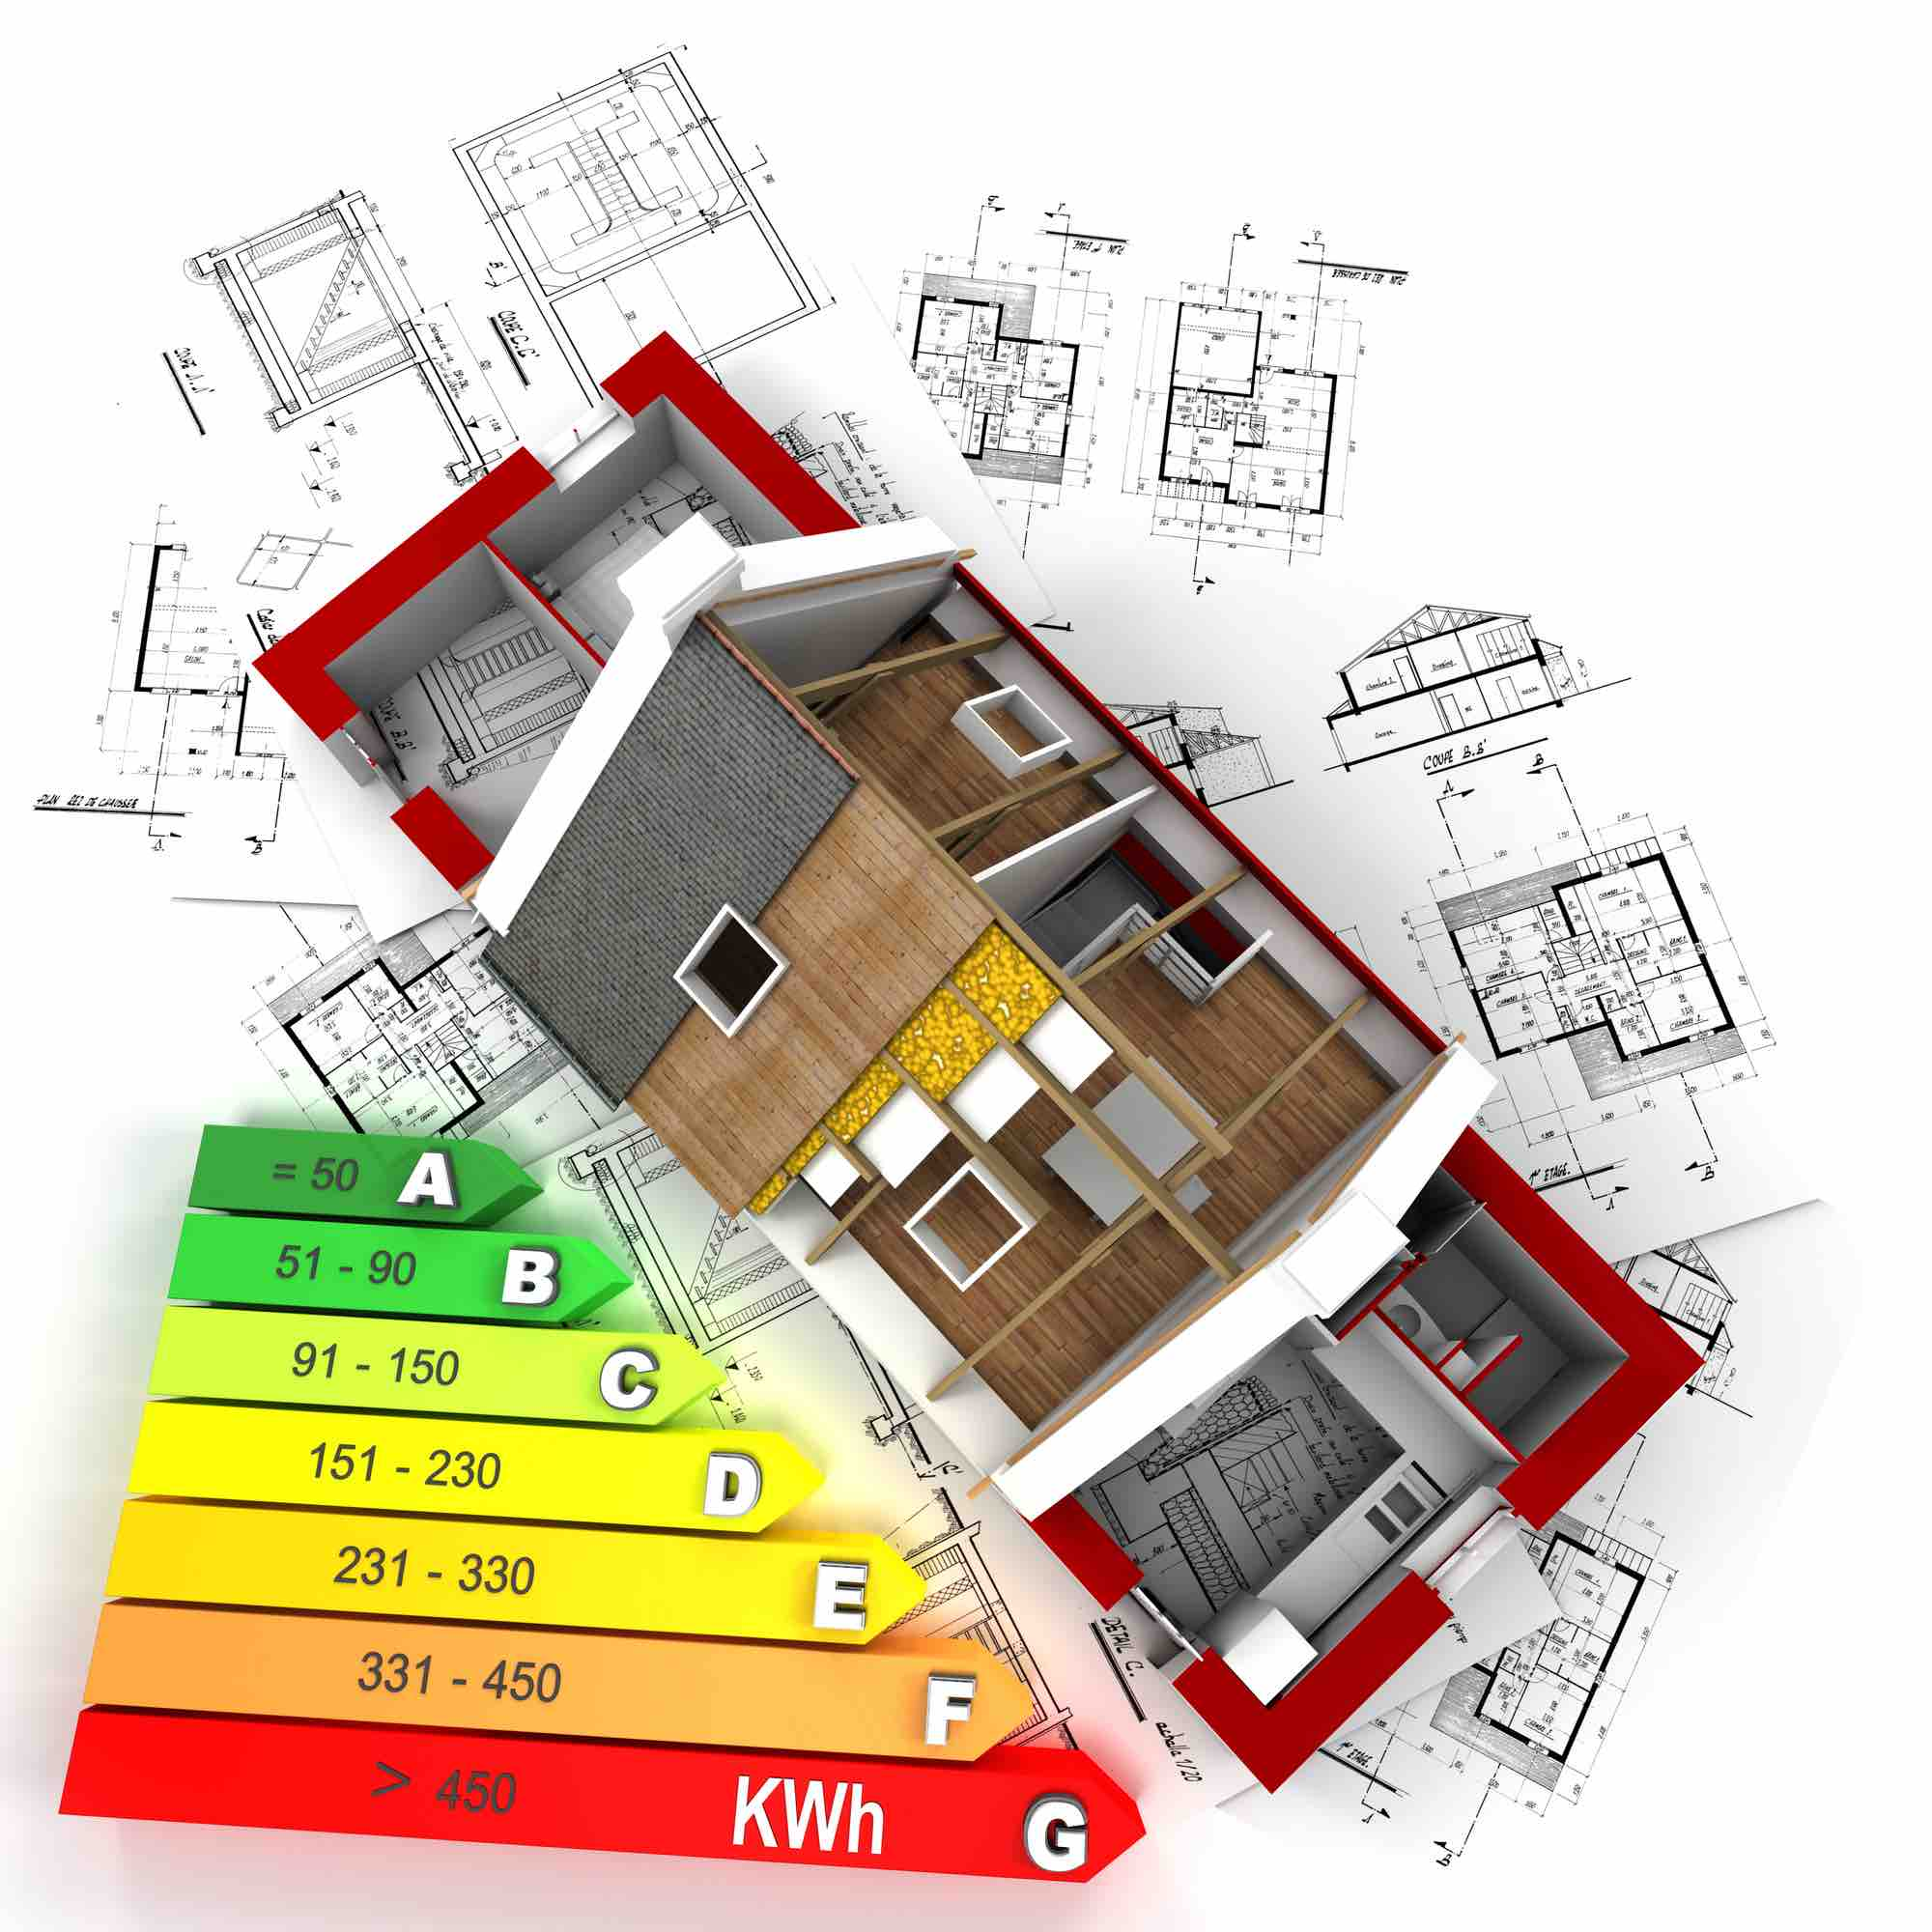 Beneficios de la mejora en la eficiencia energética de viviendas